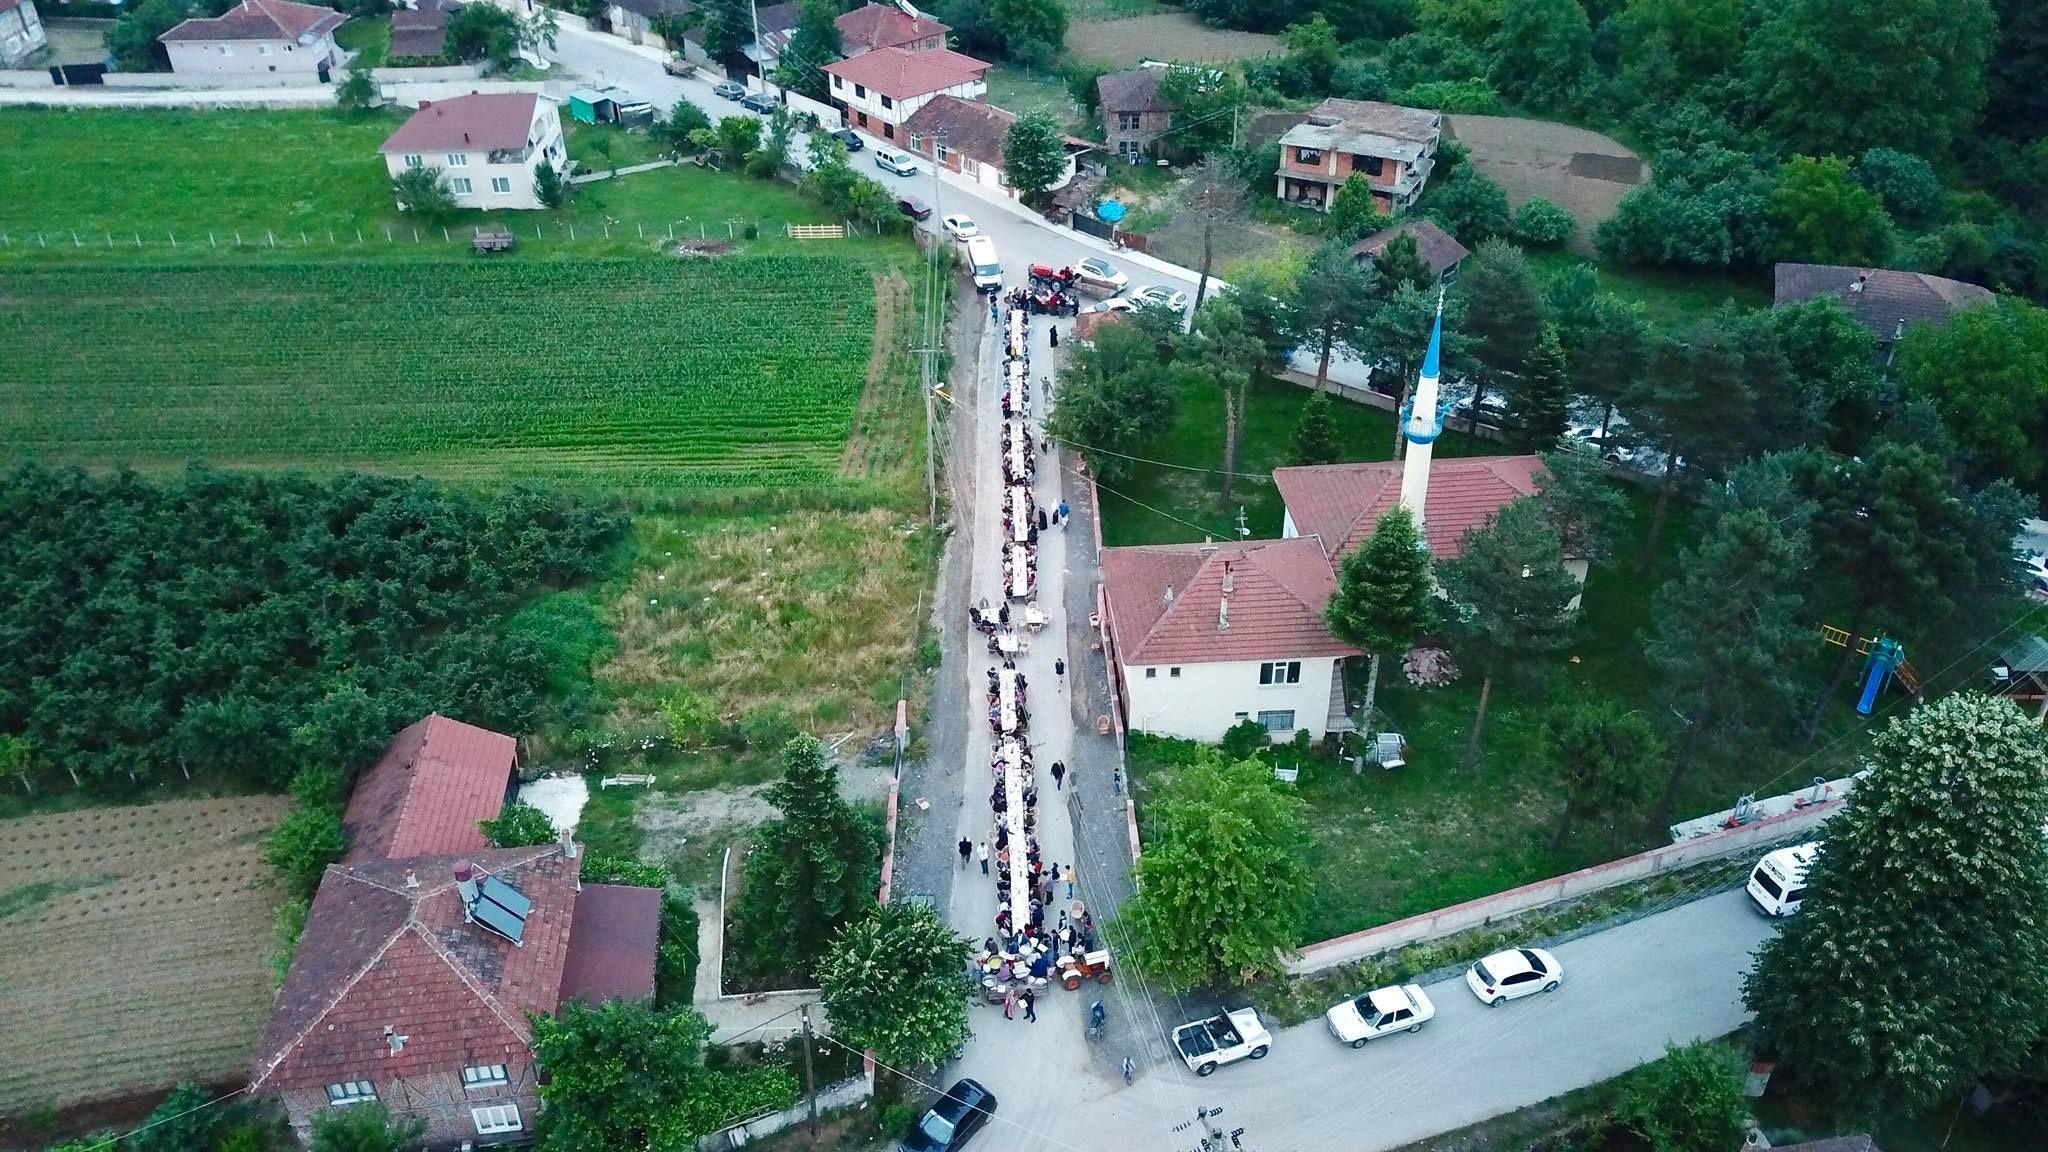 Ramazan'ın Bereketi Mahalle İftar Sofralarında Paylaşılıyor (Yeşiltepe Mahallesi)